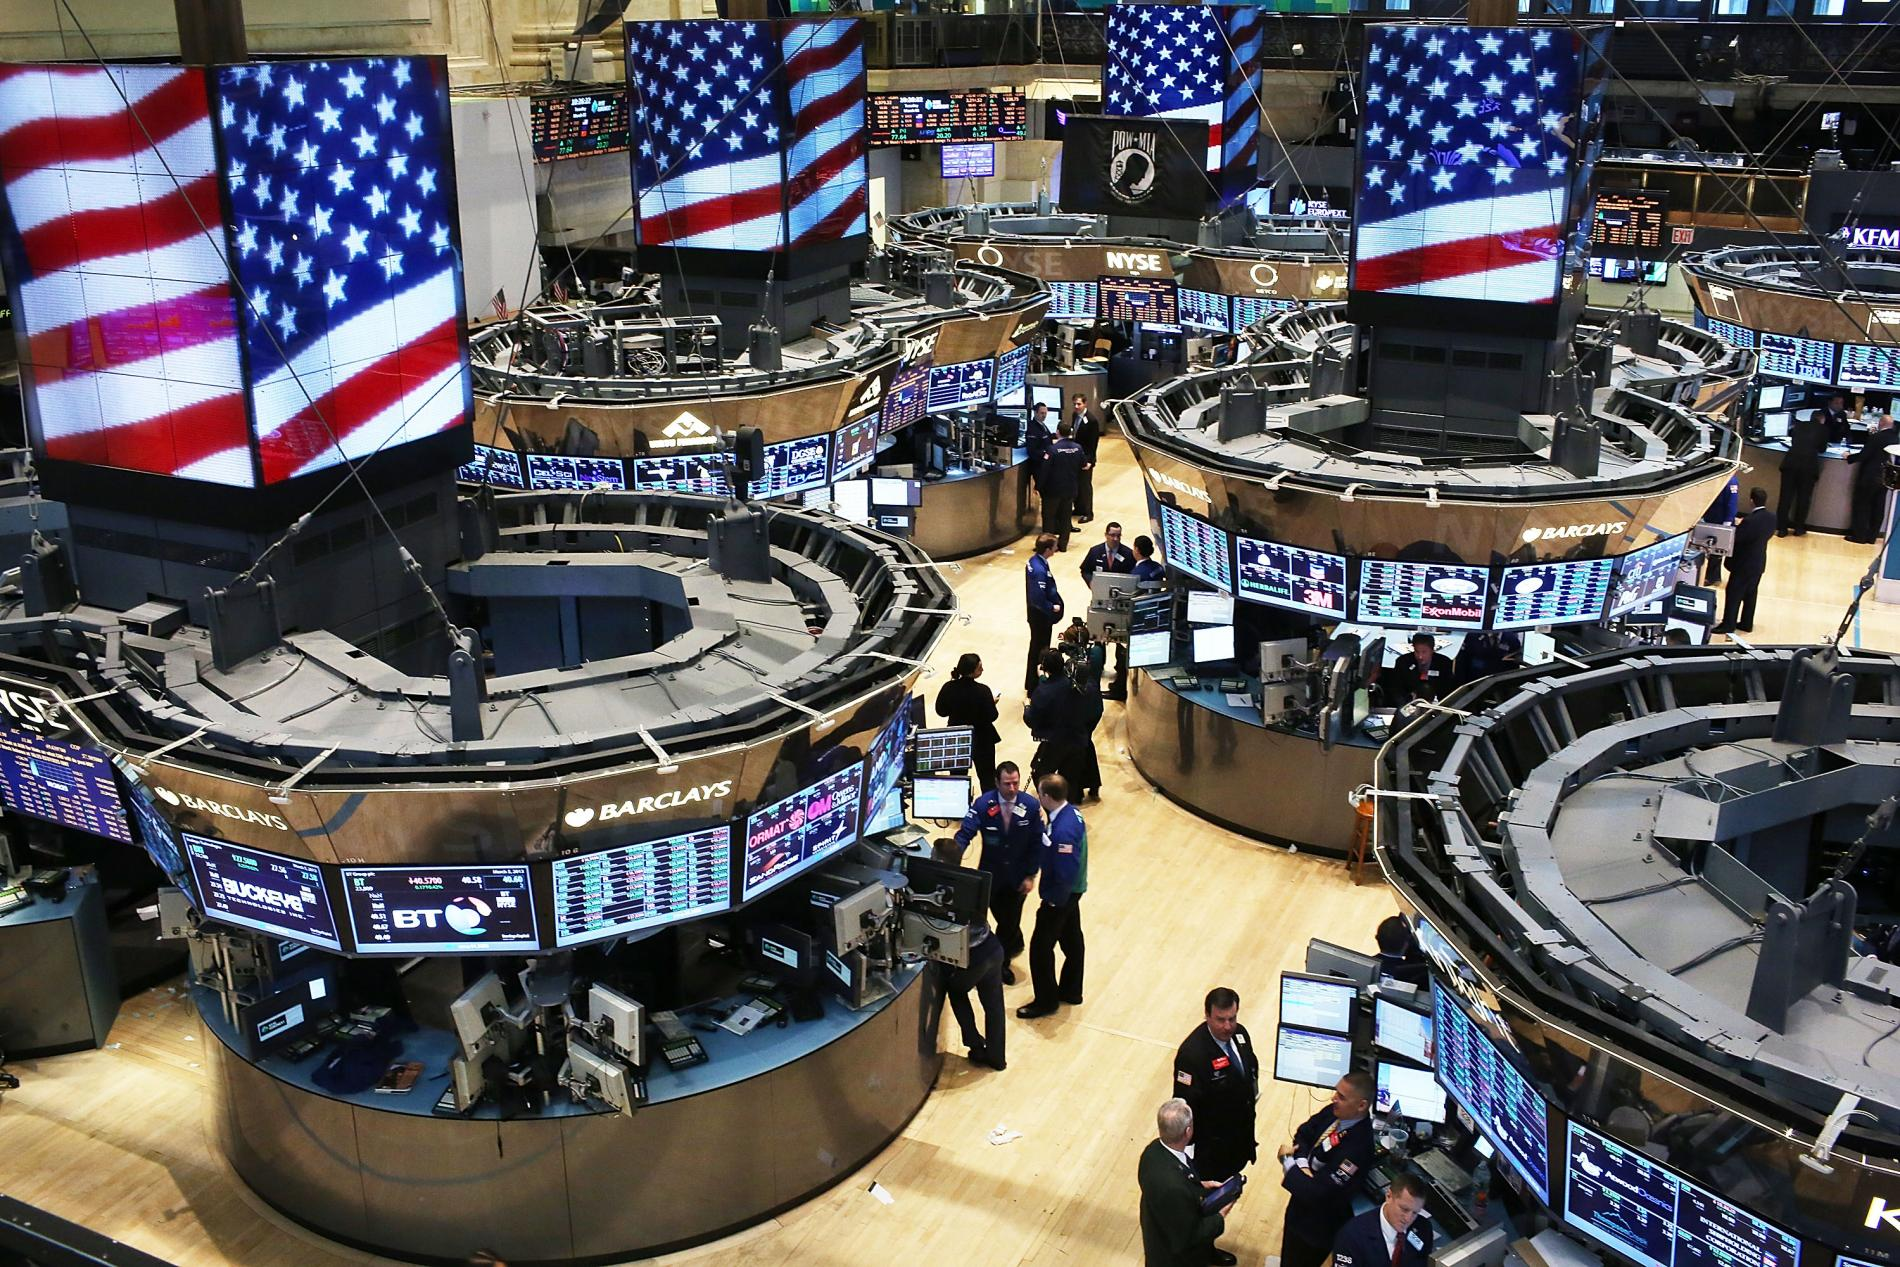 Le tout premier ETF Bitcoin Futures fait ses débuts à la Bourse de New York avec un volume d'échanges de plus d'un milliard de dollars US le premier jour